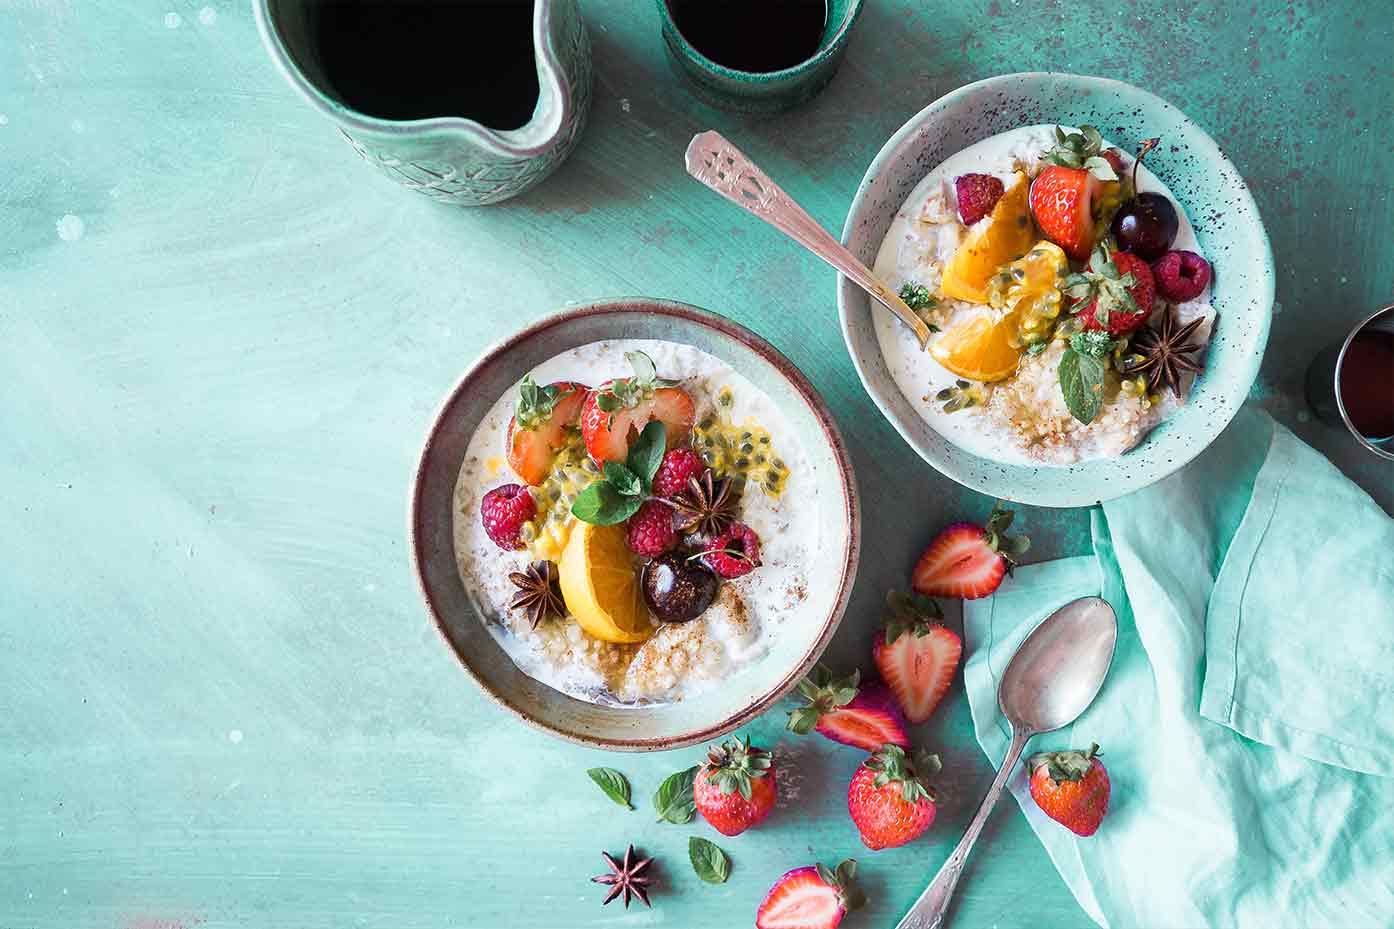 Nutrition at Revolution